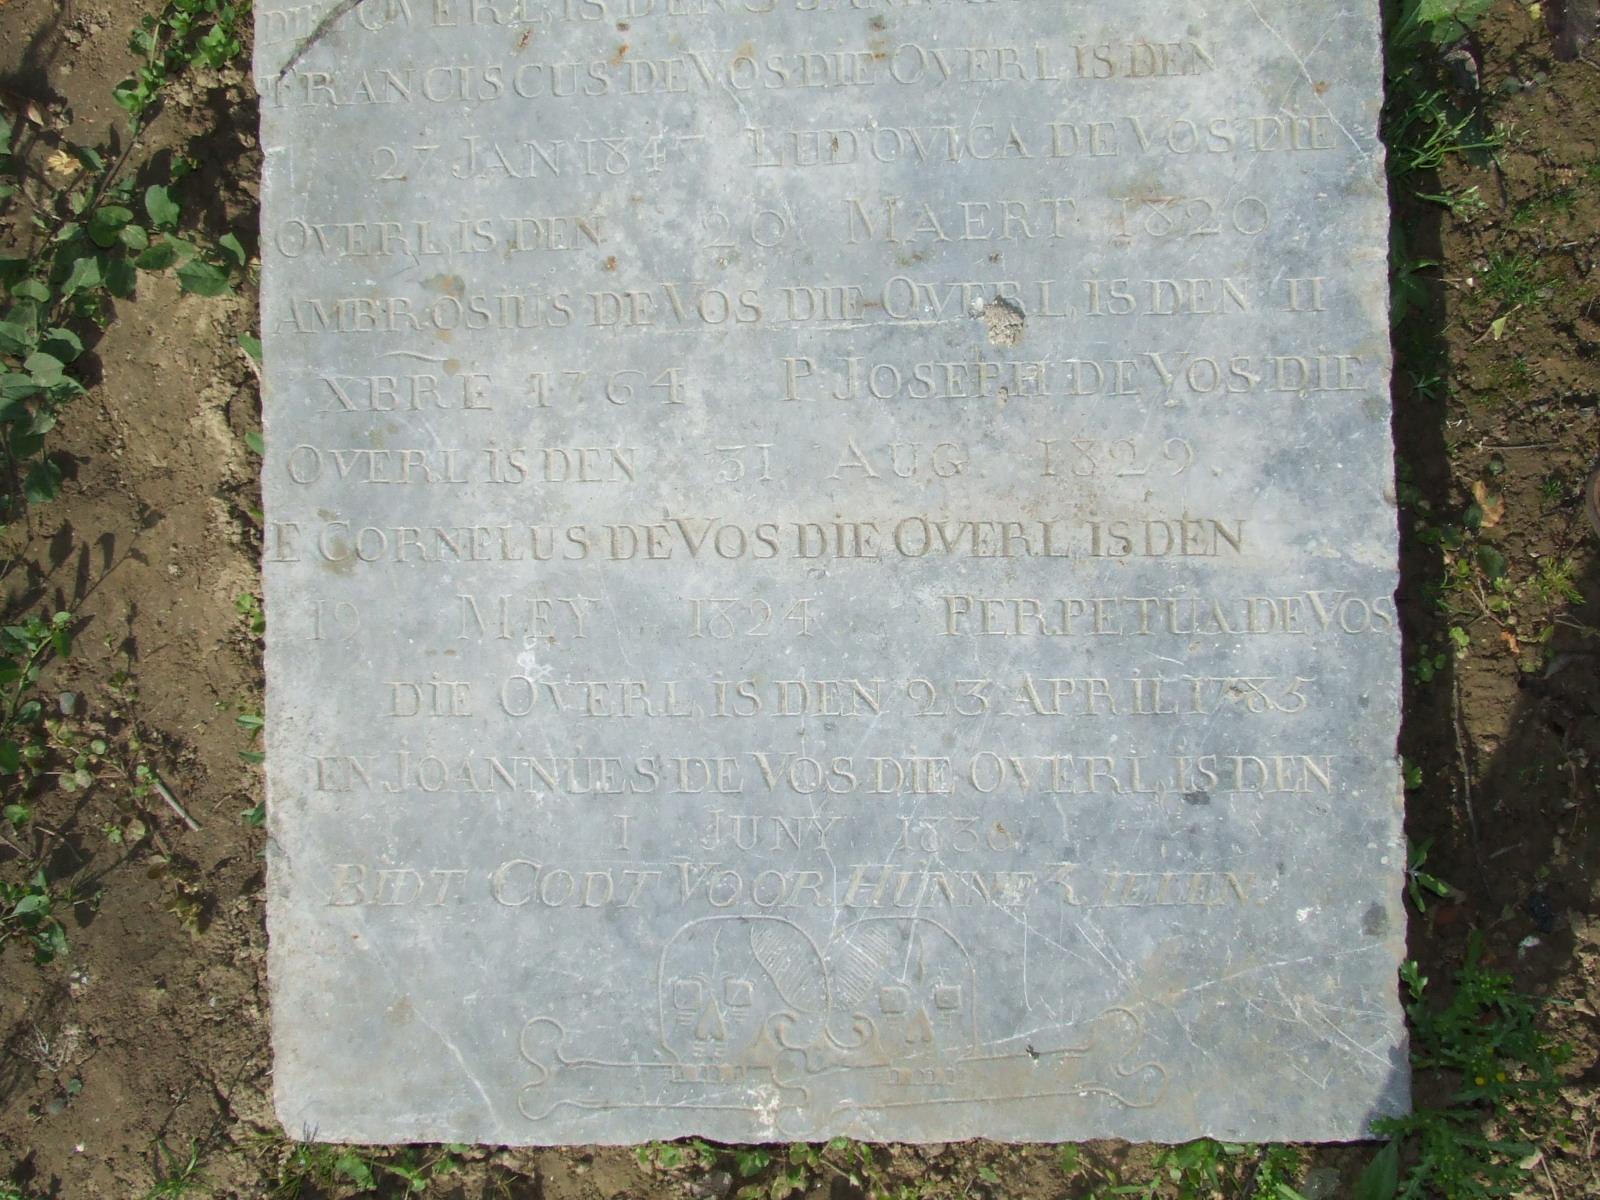 Frans-Vlaamse en oude Standaardnederlandse teksten en inscripties - Pagina 2 090530051122440053763099